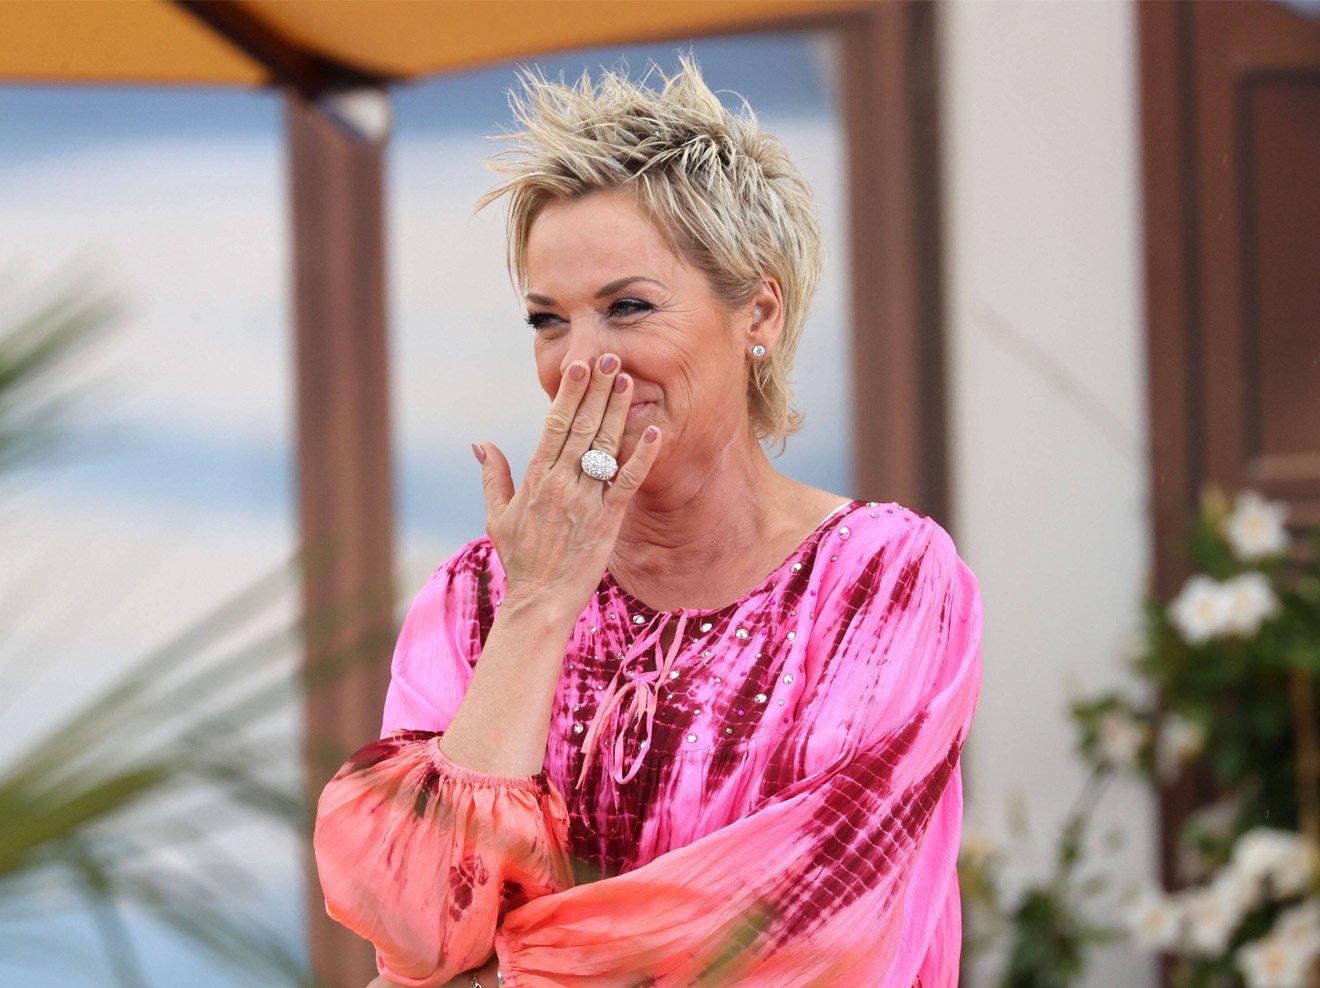 Nackt Antonia Hemmer  'Bauer sucht